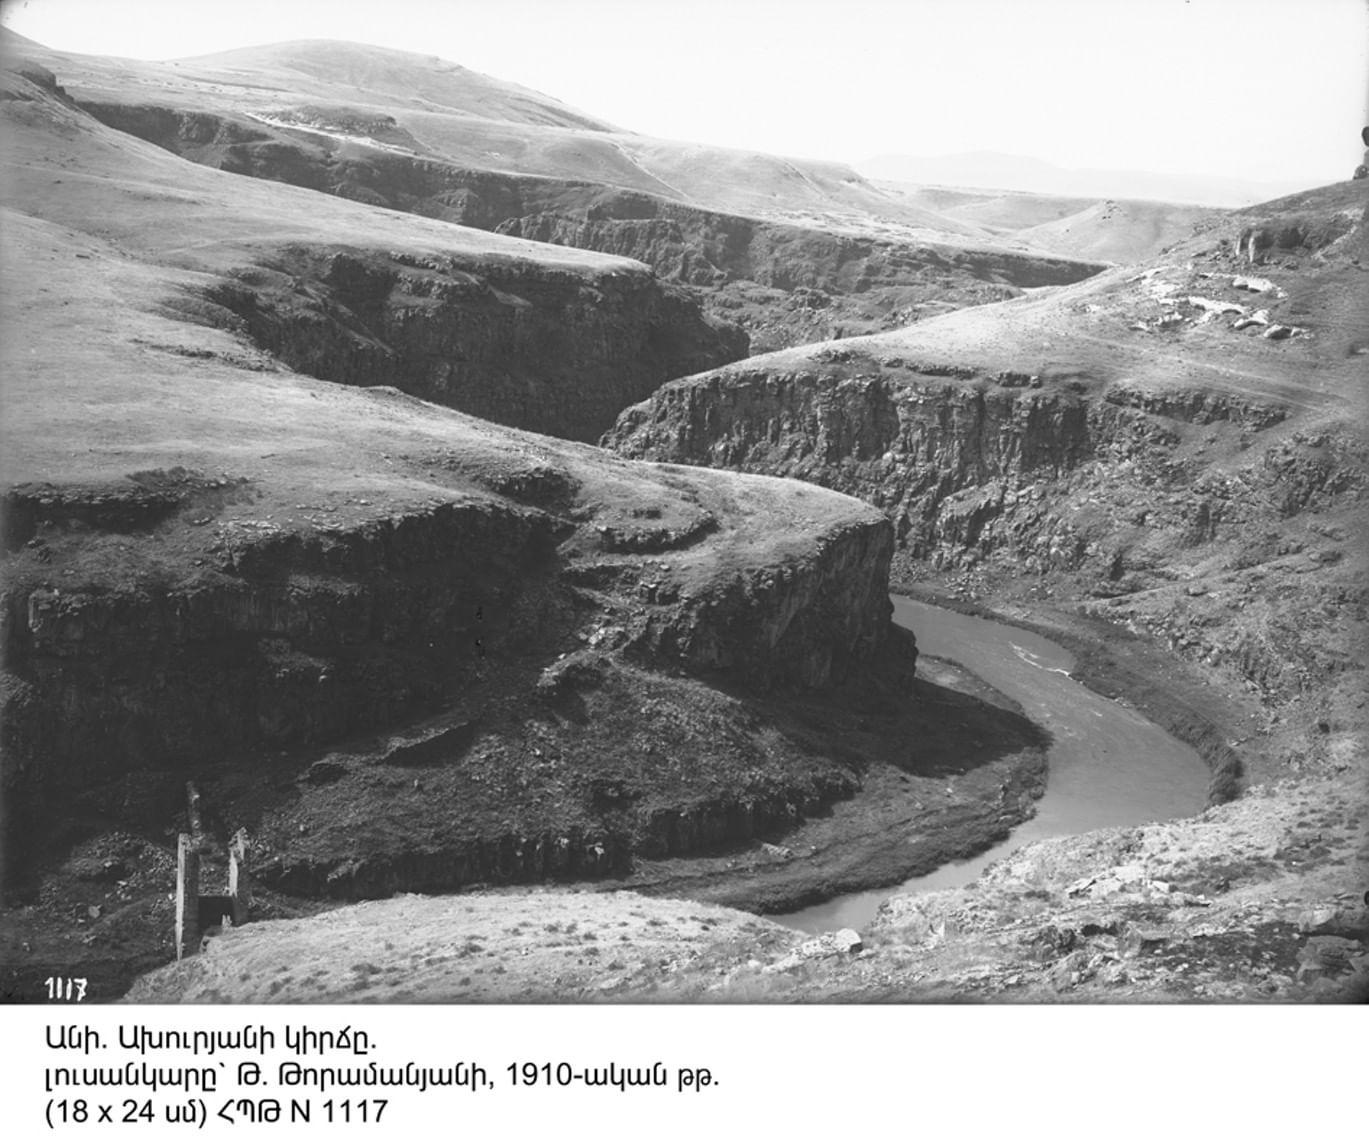 Армения по Мандельштаму. Фотографии Армении начала ХХ века. Галерея 1